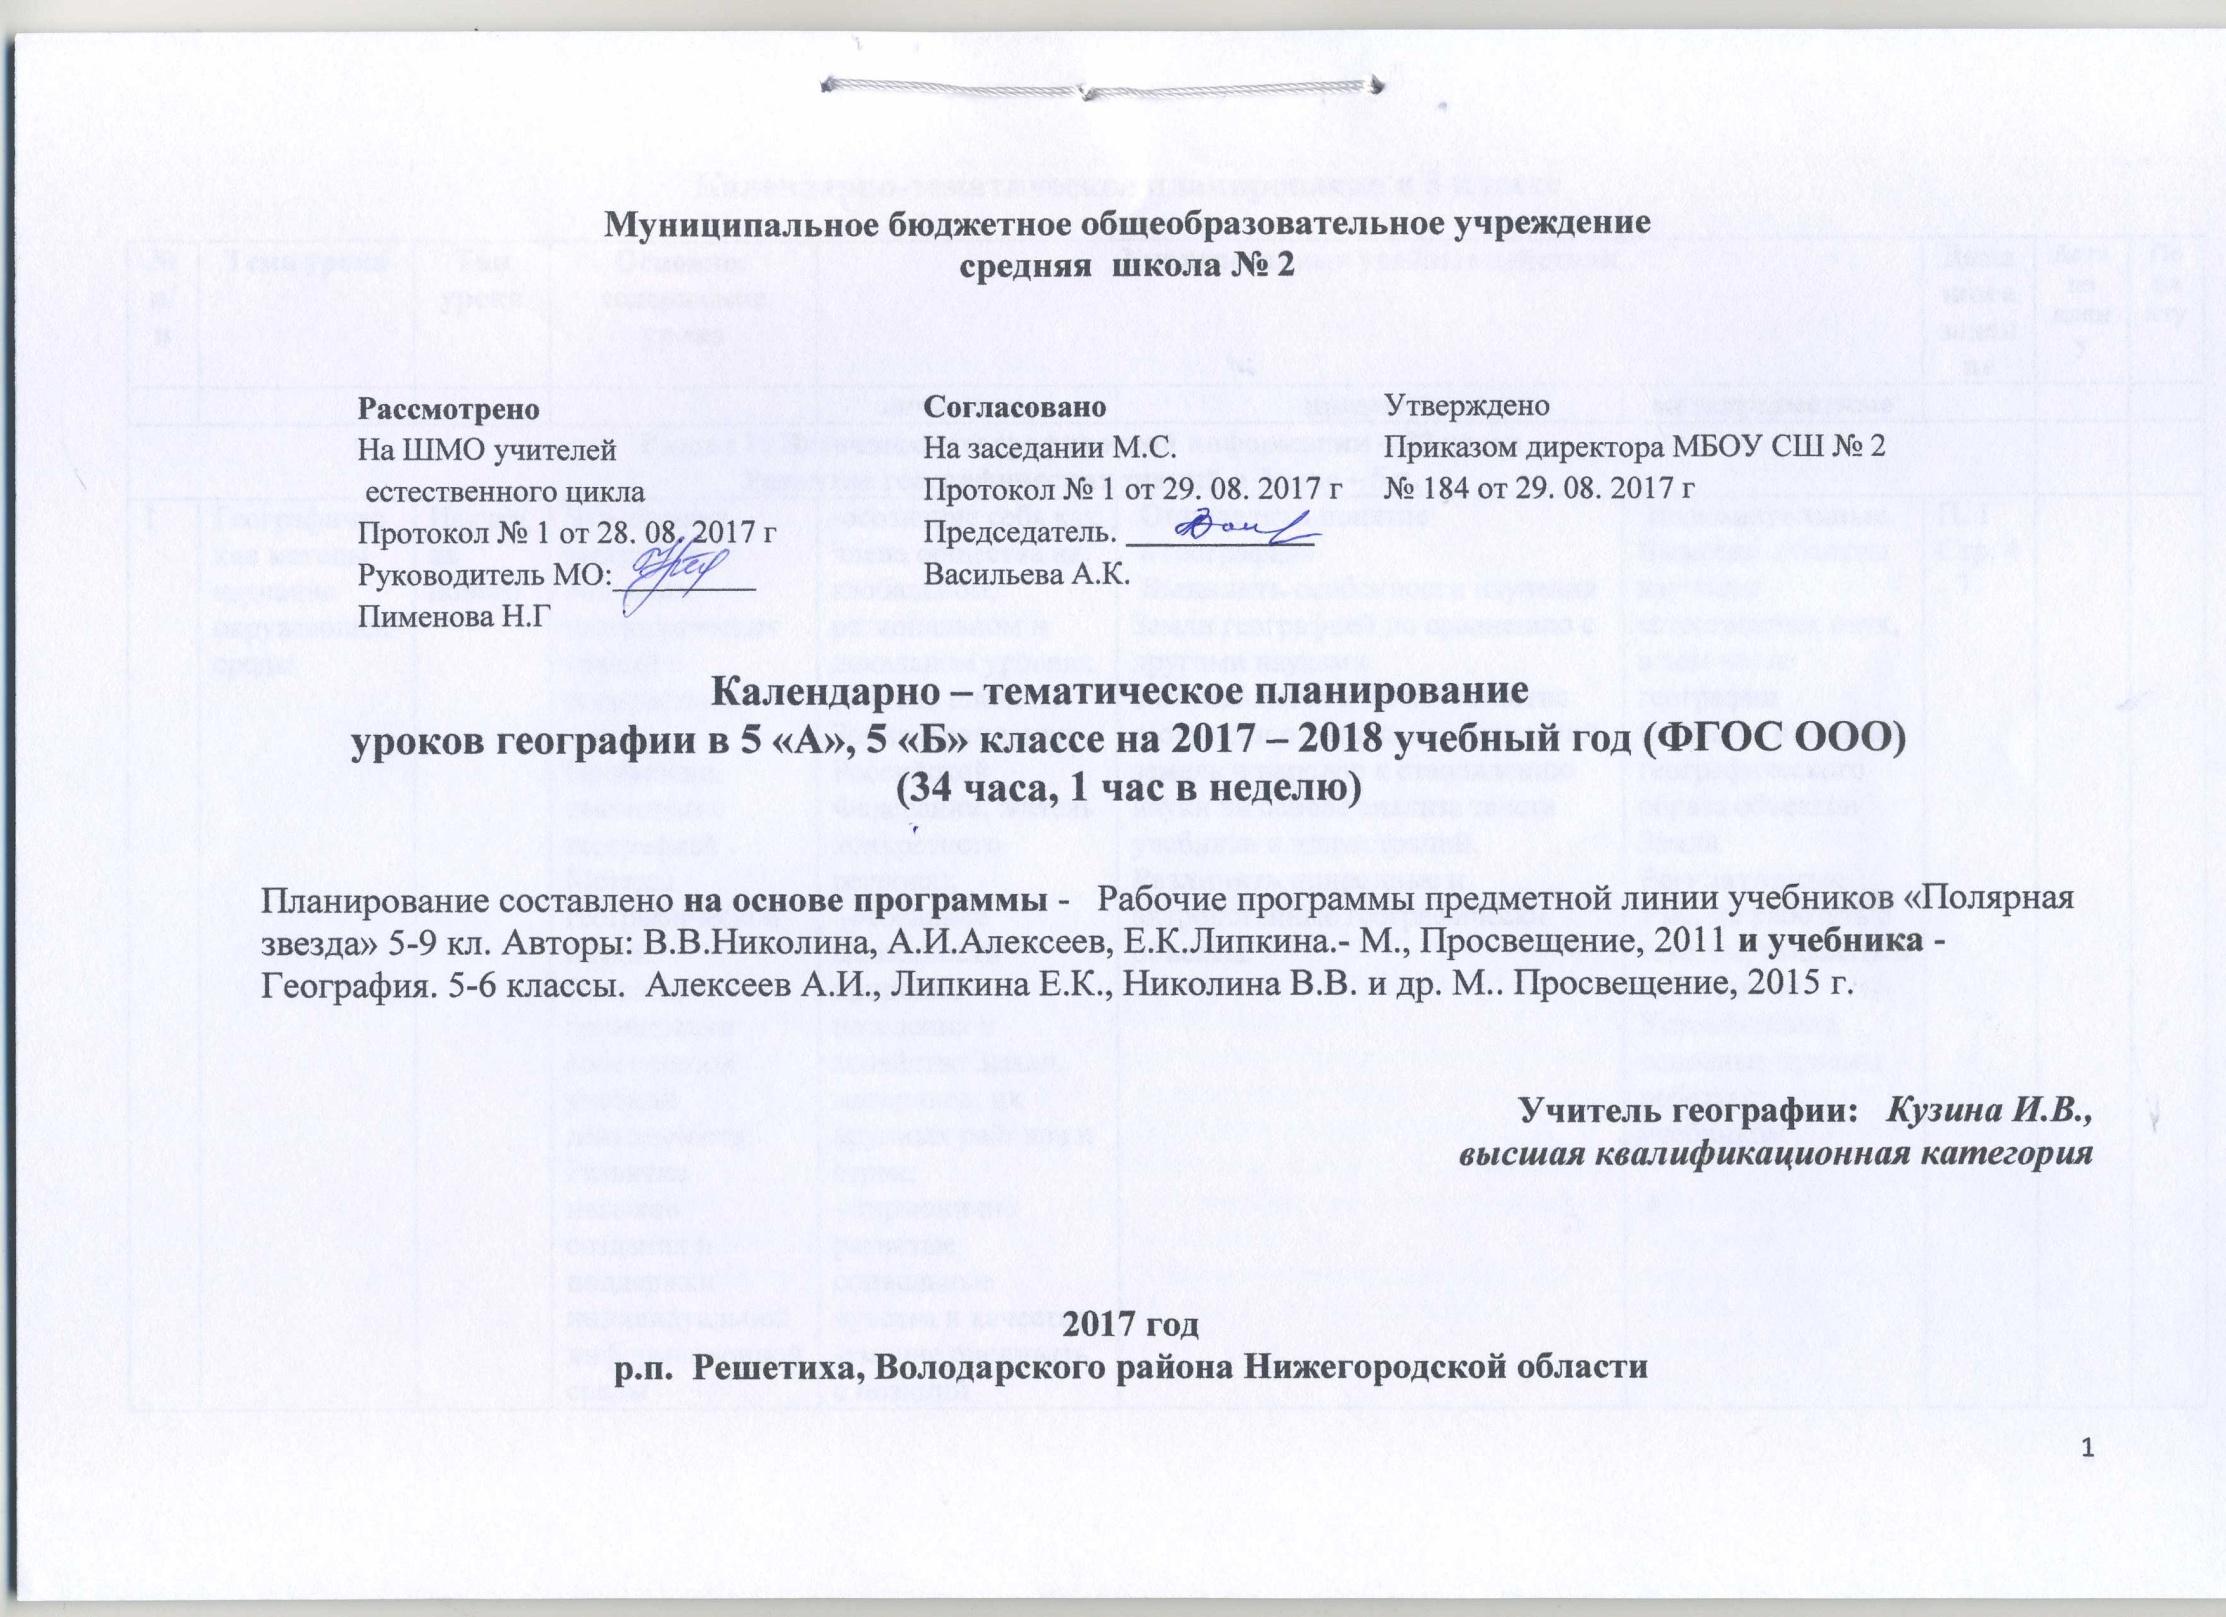 Календарно-тематическое планирование по географии россии 9 класс линия полярная звезда